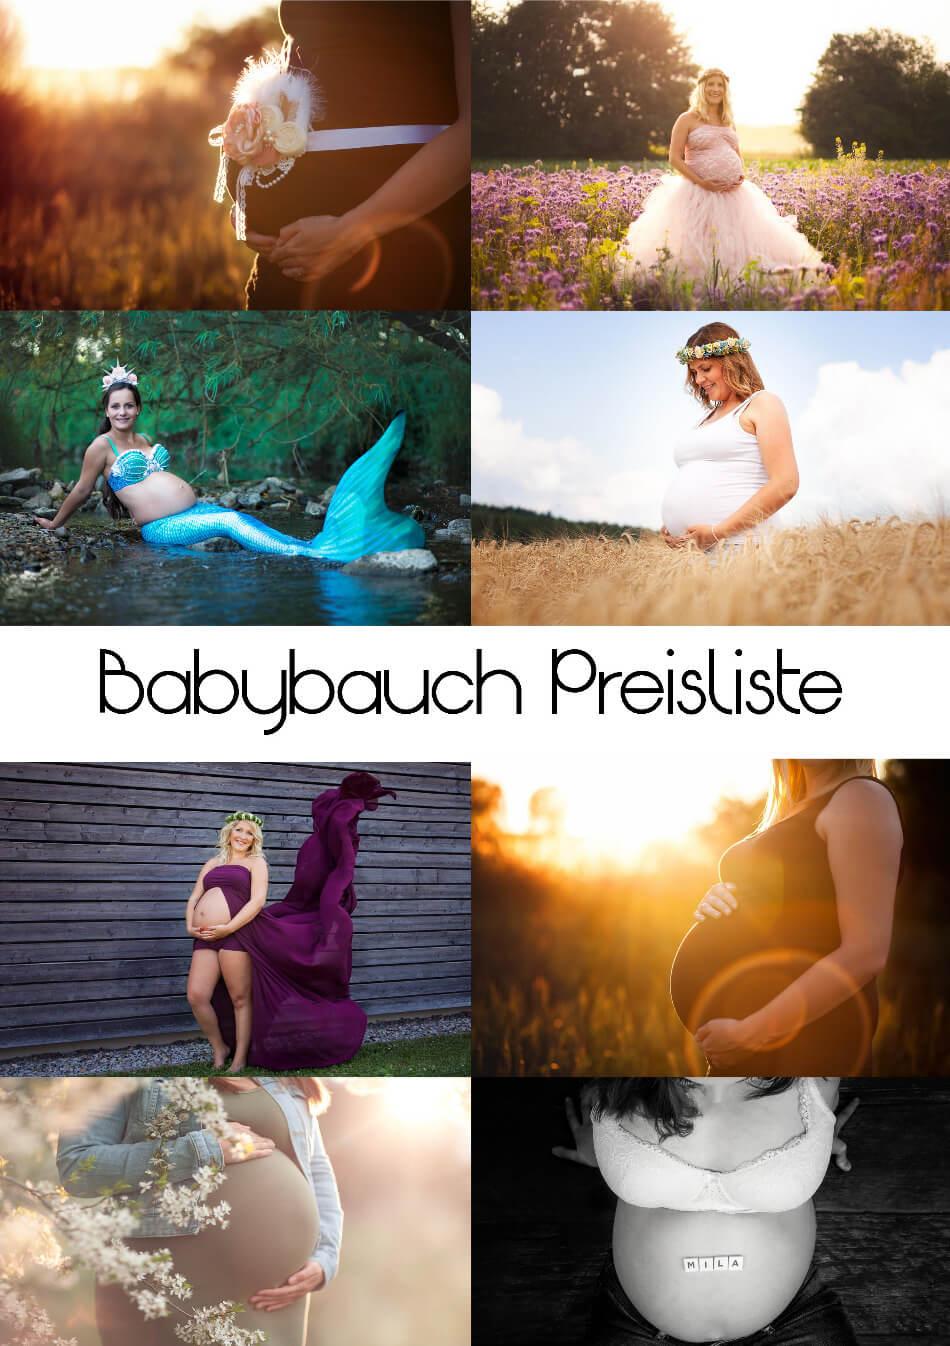 Babybauch-Preisliste